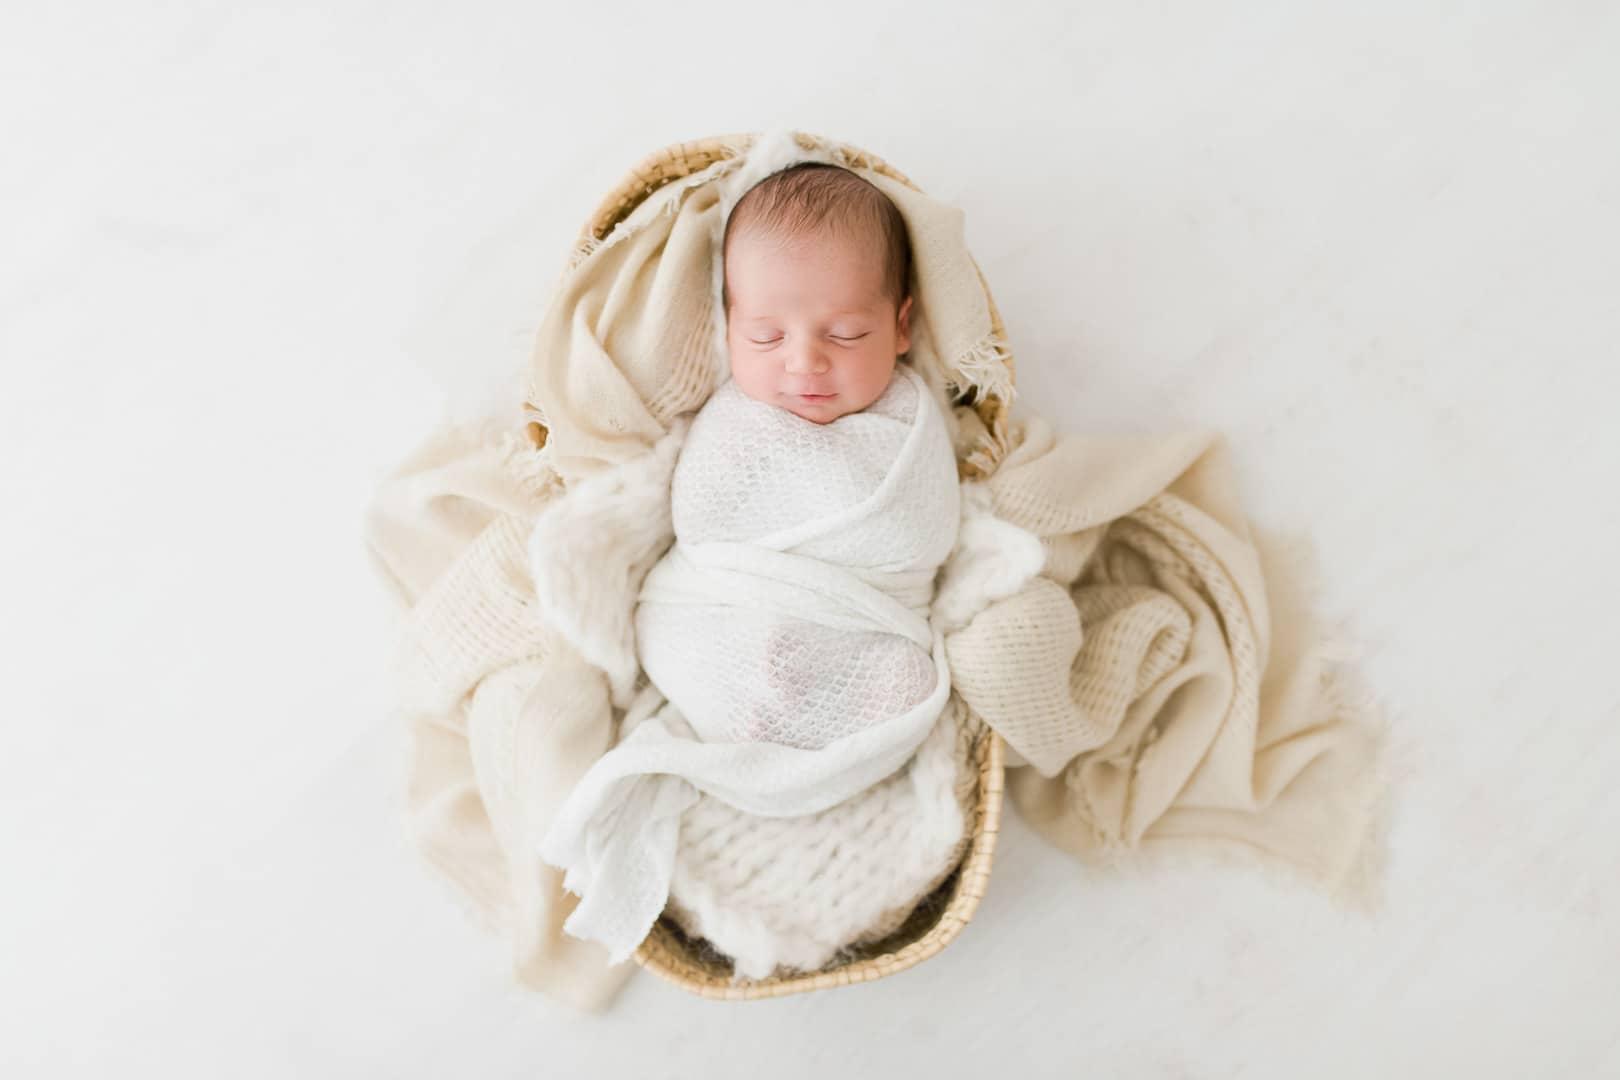 photographe Genève, photographe coppet, photographe Nyon, formation photo, nouveau né, maternité